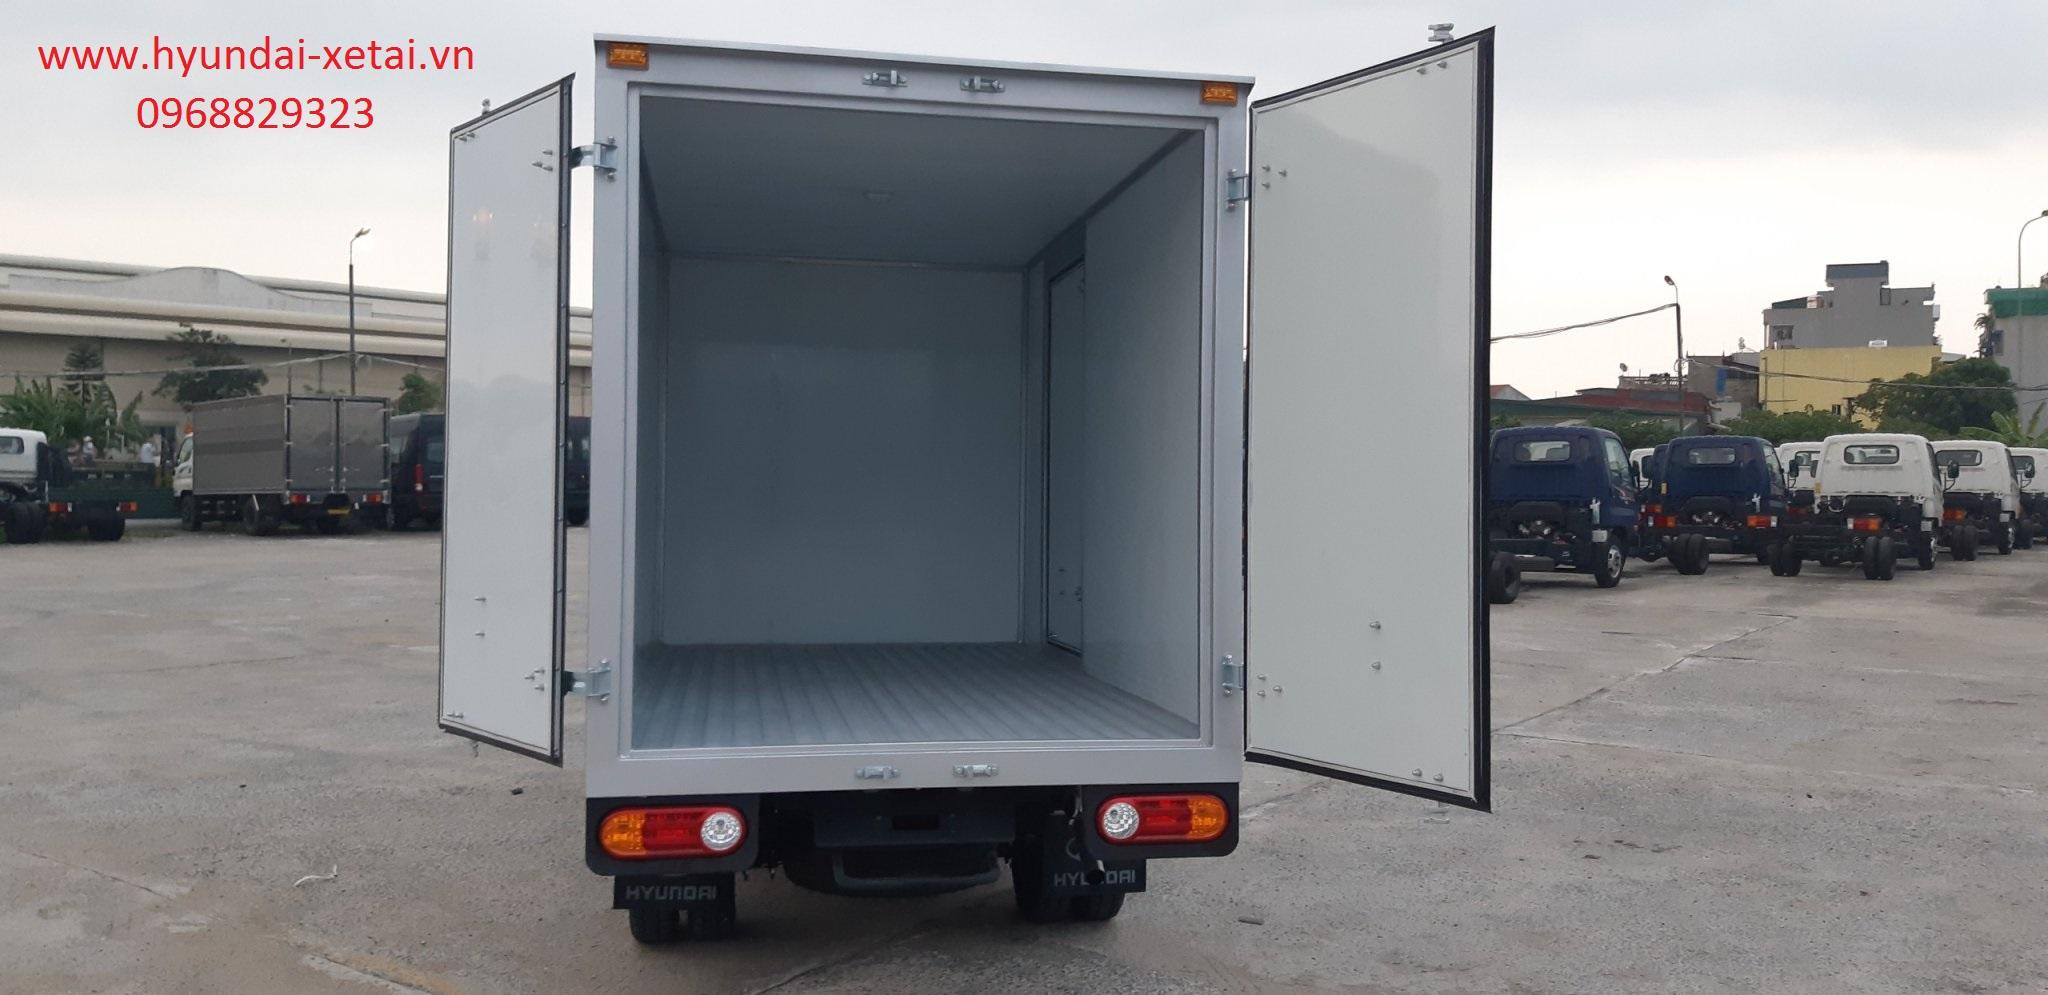 Giá lăn bánh xe tải hyundai 2020